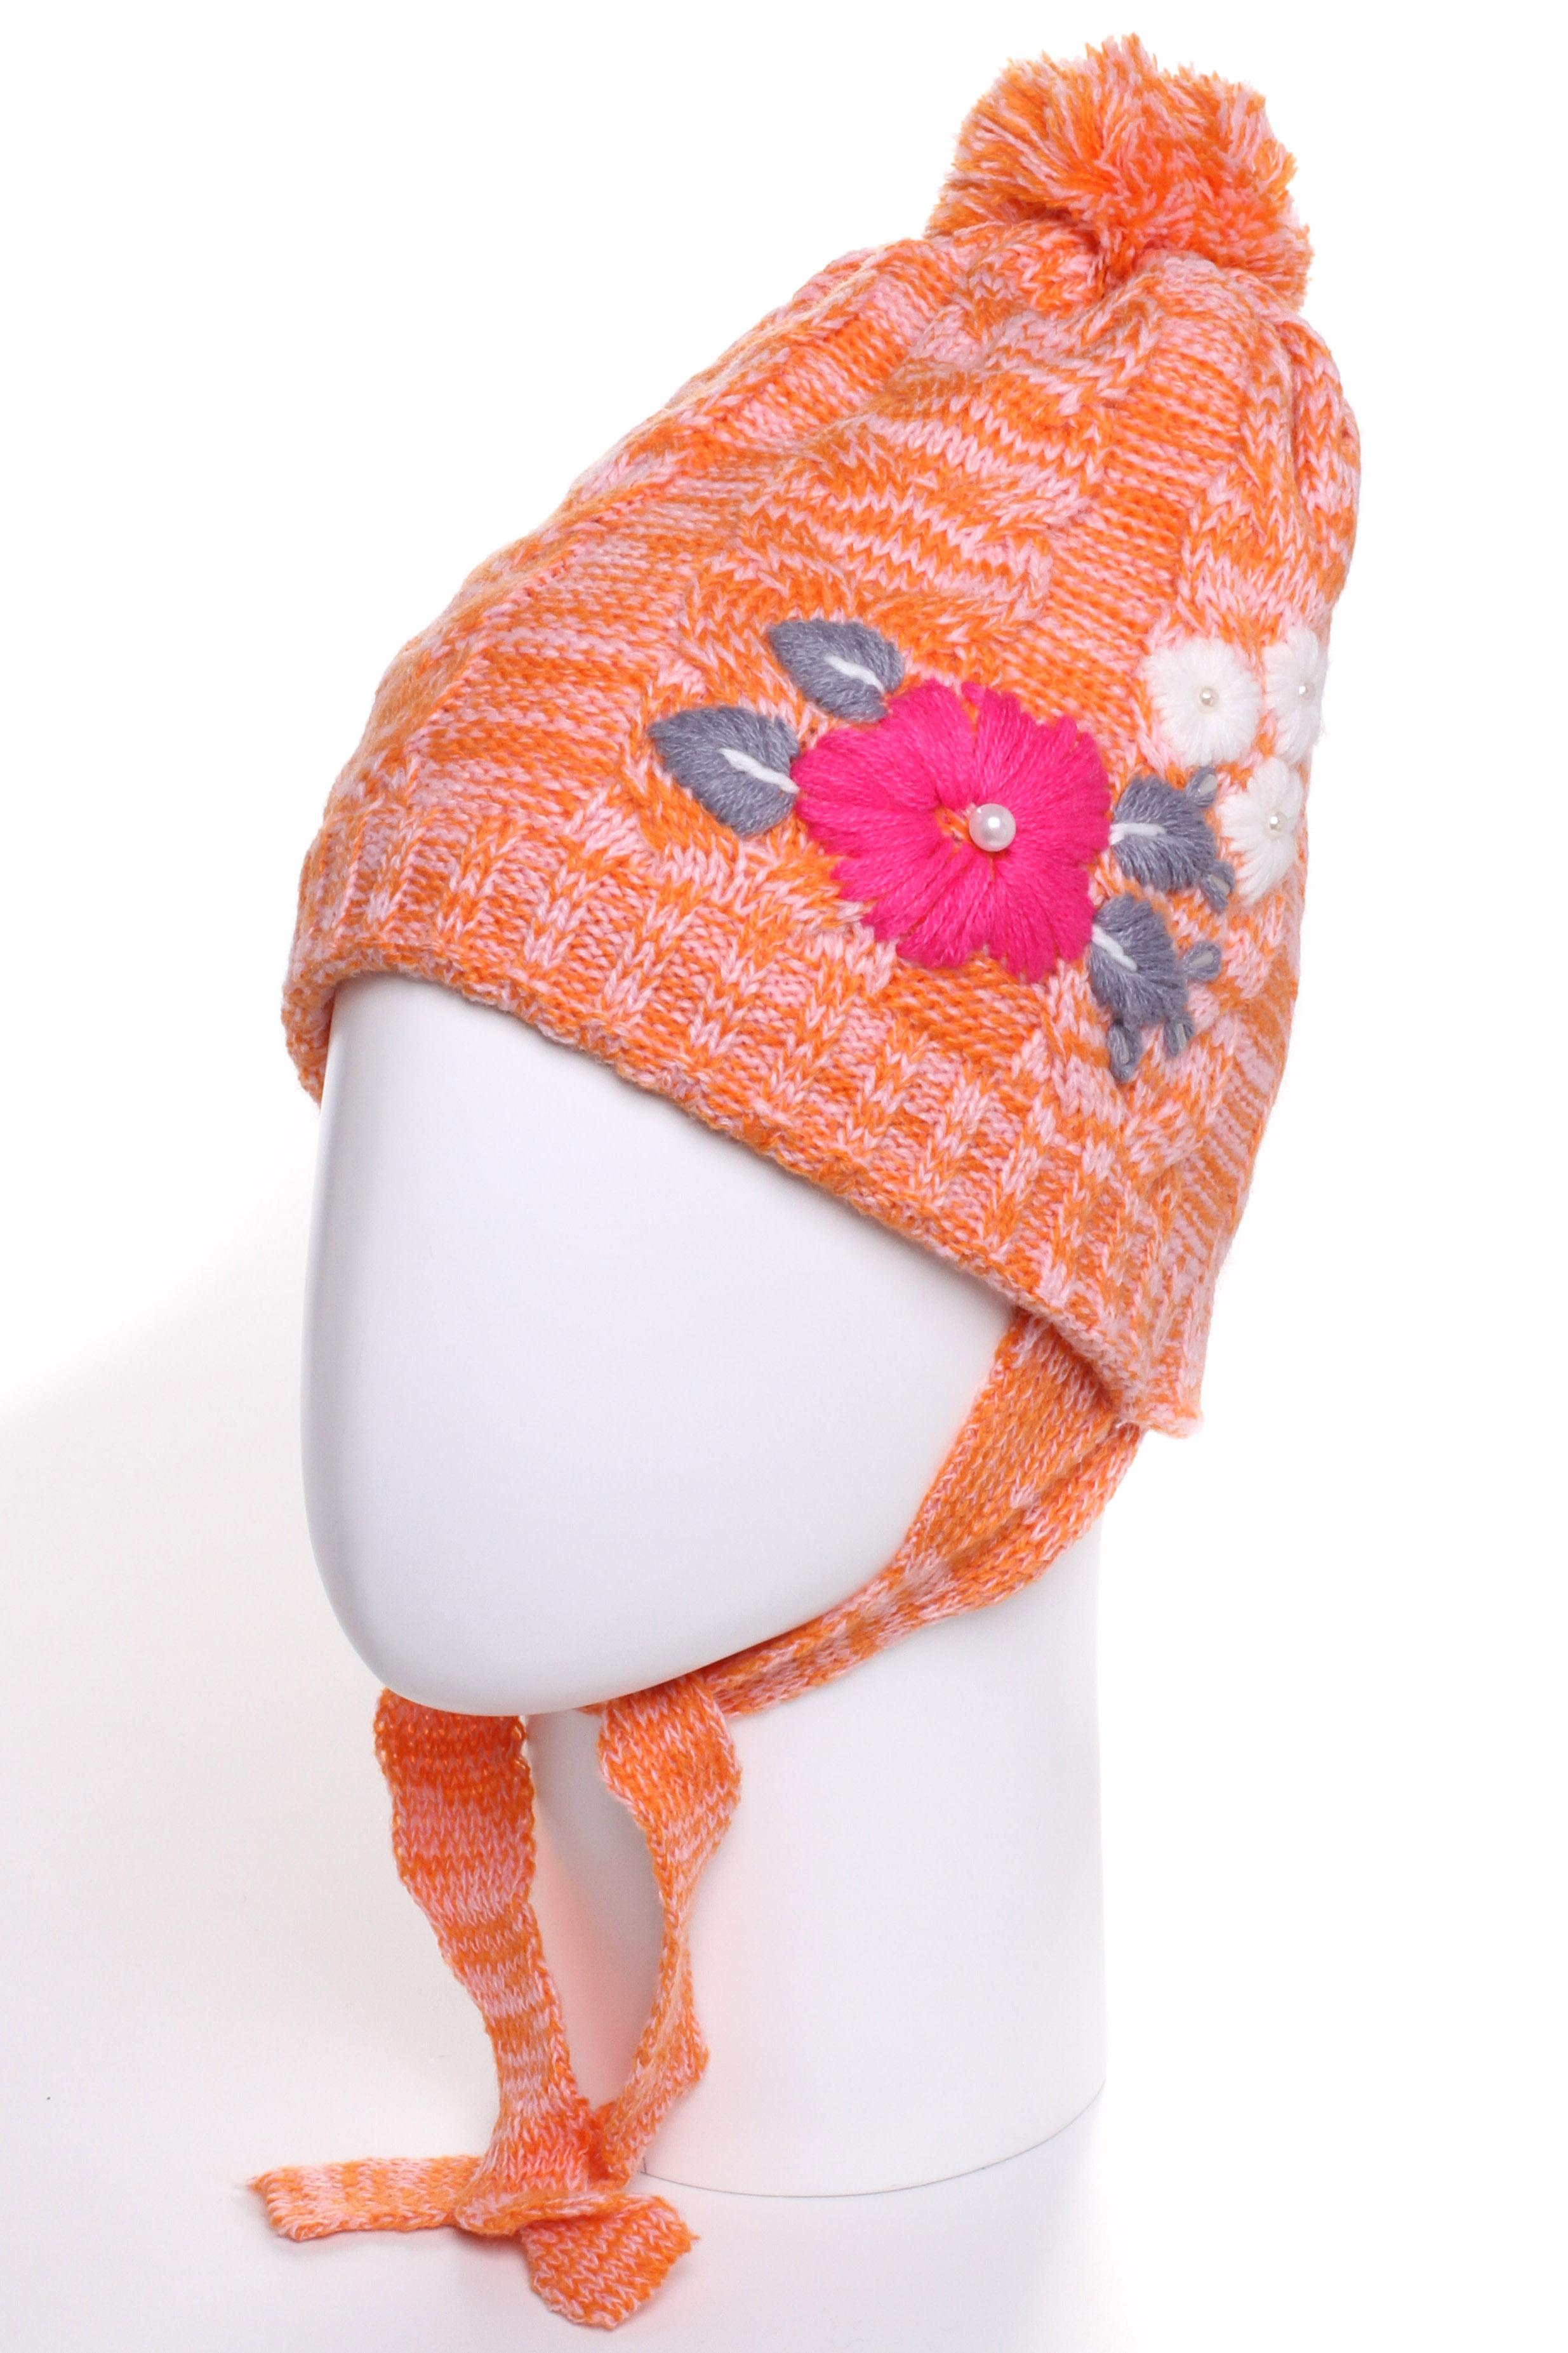 ШапкаГоловные уборы<br>Шапка для девочки защитит Вашего ребенка от непогоды и поднимет настроение.  Размер равен обхвату головы в сантиметрах.  Цвет: оранжевый и др.<br><br>По сезону: Зима<br>Размер : 50-54<br>Материал: Вязаное полотно<br>Количество в наличии: 1